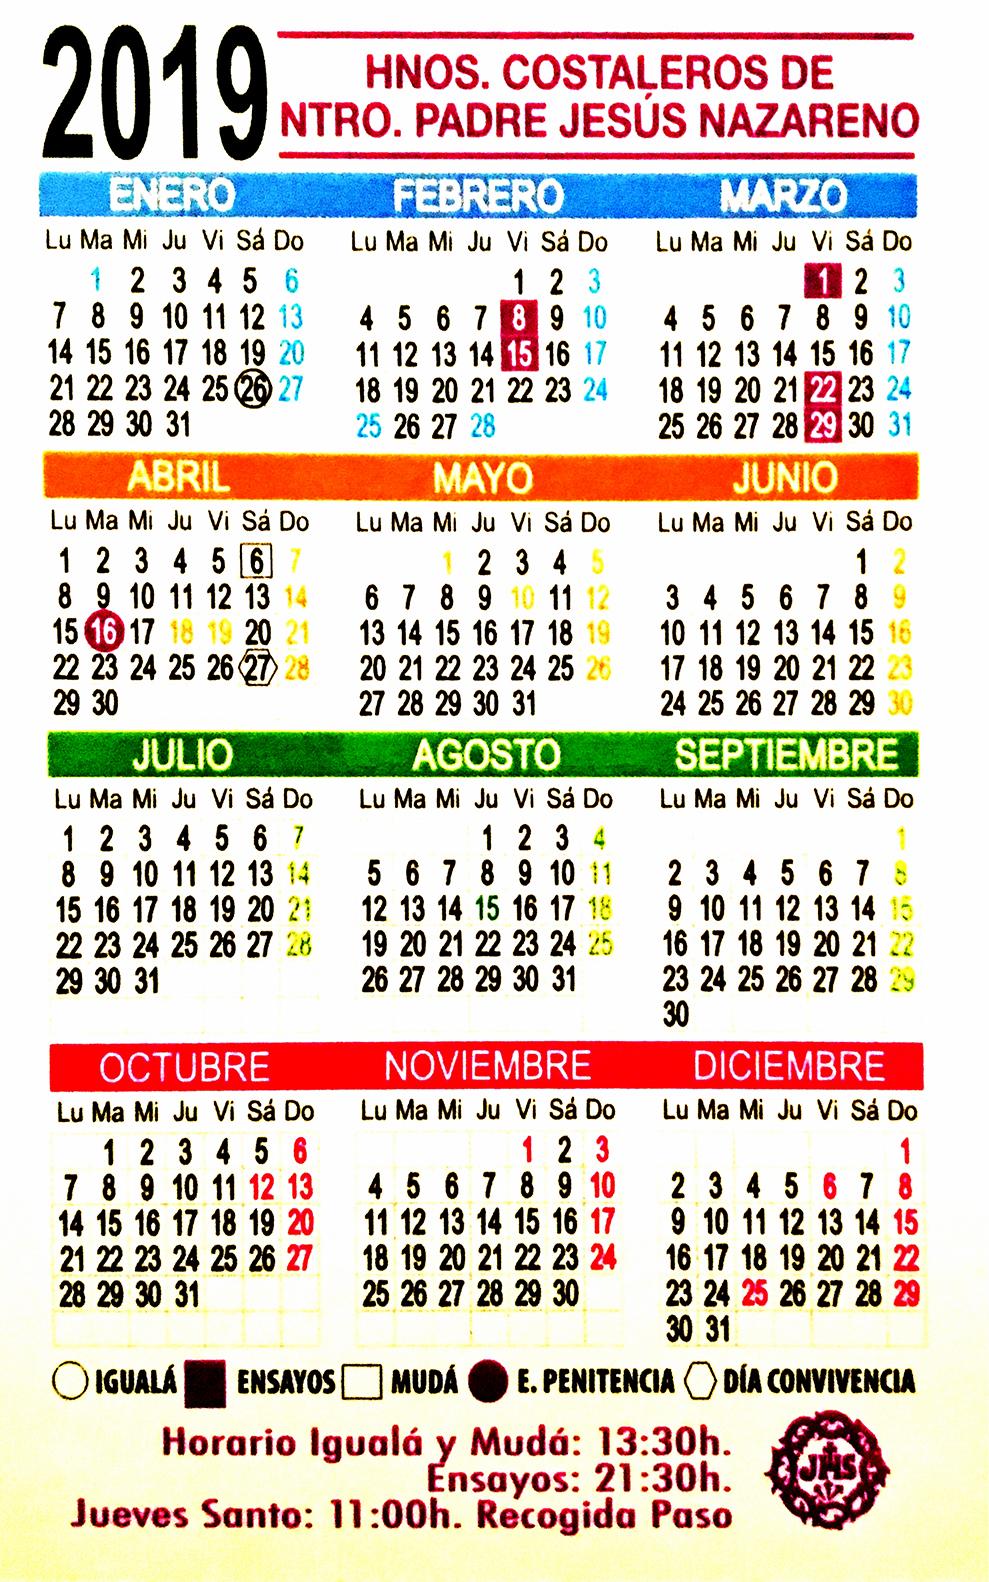 Igualá y ensayos cuadrilla Nazareno 2019